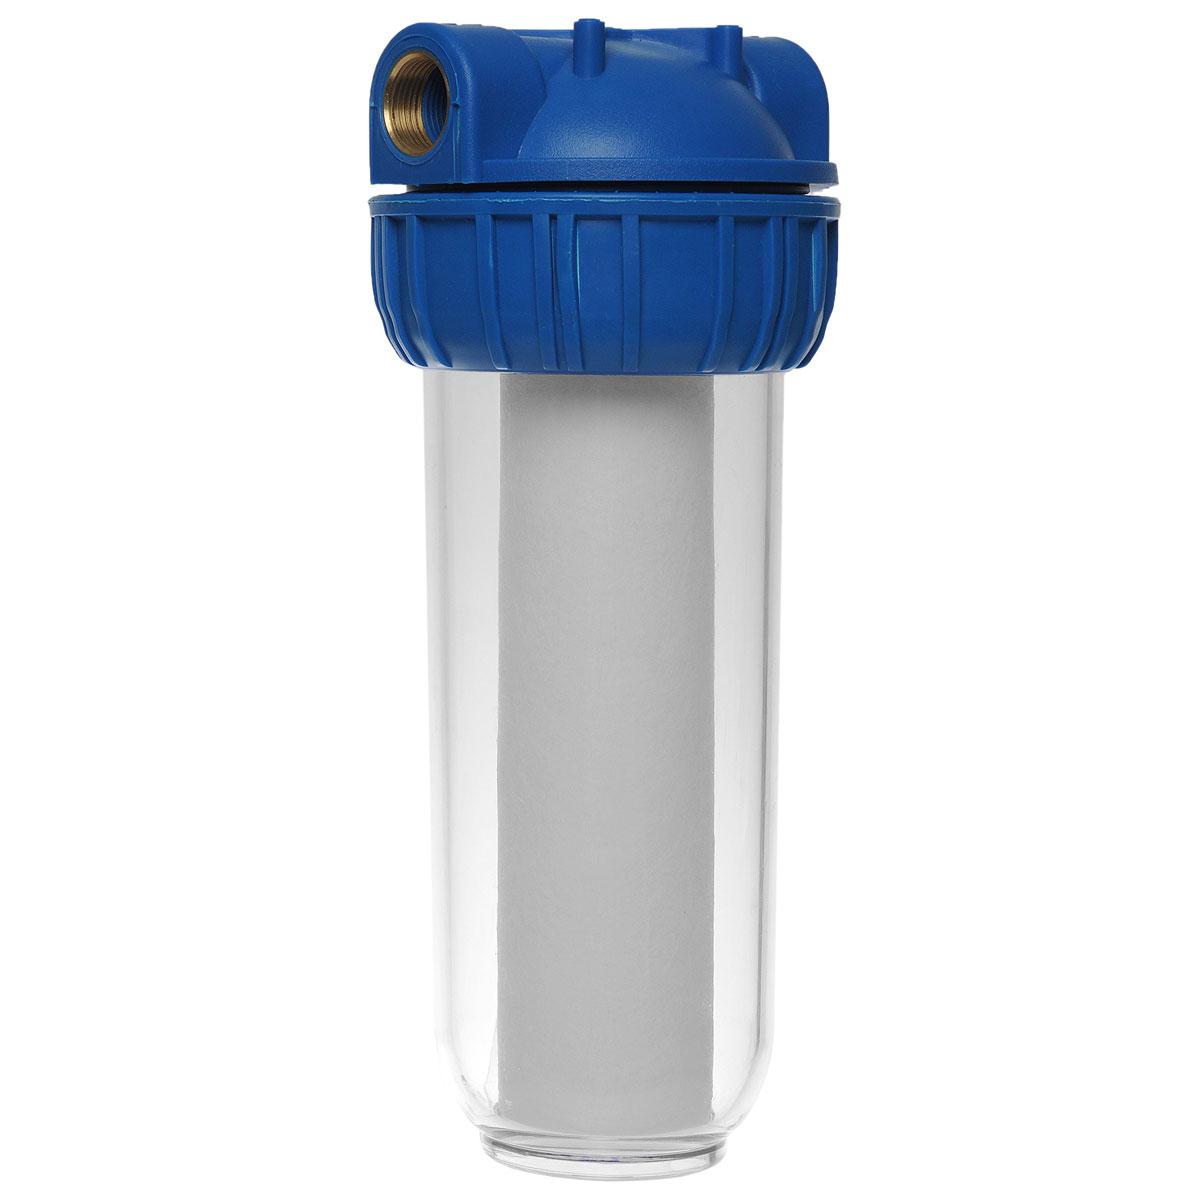 Фильтр для воды ЭкоДоктор 1Л, 3/4111010Фильтр ЭкоДоктор предназначен для тонкой очистки воды от механических частиц, удаления песка, ржавчины и улучшения показателей мутности и цветности воды. Он имеет увеличенный ресурс и степень очистки. Собран из импортных высококачественных комплектующих. Колба имеет прозрачный корпус из прочного пластика и одинарное уплотнительное кольцо. В комплект фильтра входят колба, картридж, кронштейн для крепления на стену, ключ для замены картриджей, инструкция по эксплуатации. Характеристики: Типоразмер: 10 SL. Высота корпуса 31 см. Подключение: 3/4. Рабочее давление воды: до 8 Атм. Температура воды на входе: 1-40°С. Размер упаковки: 13 см х 15 см х 35 см. Артикул: 111010.